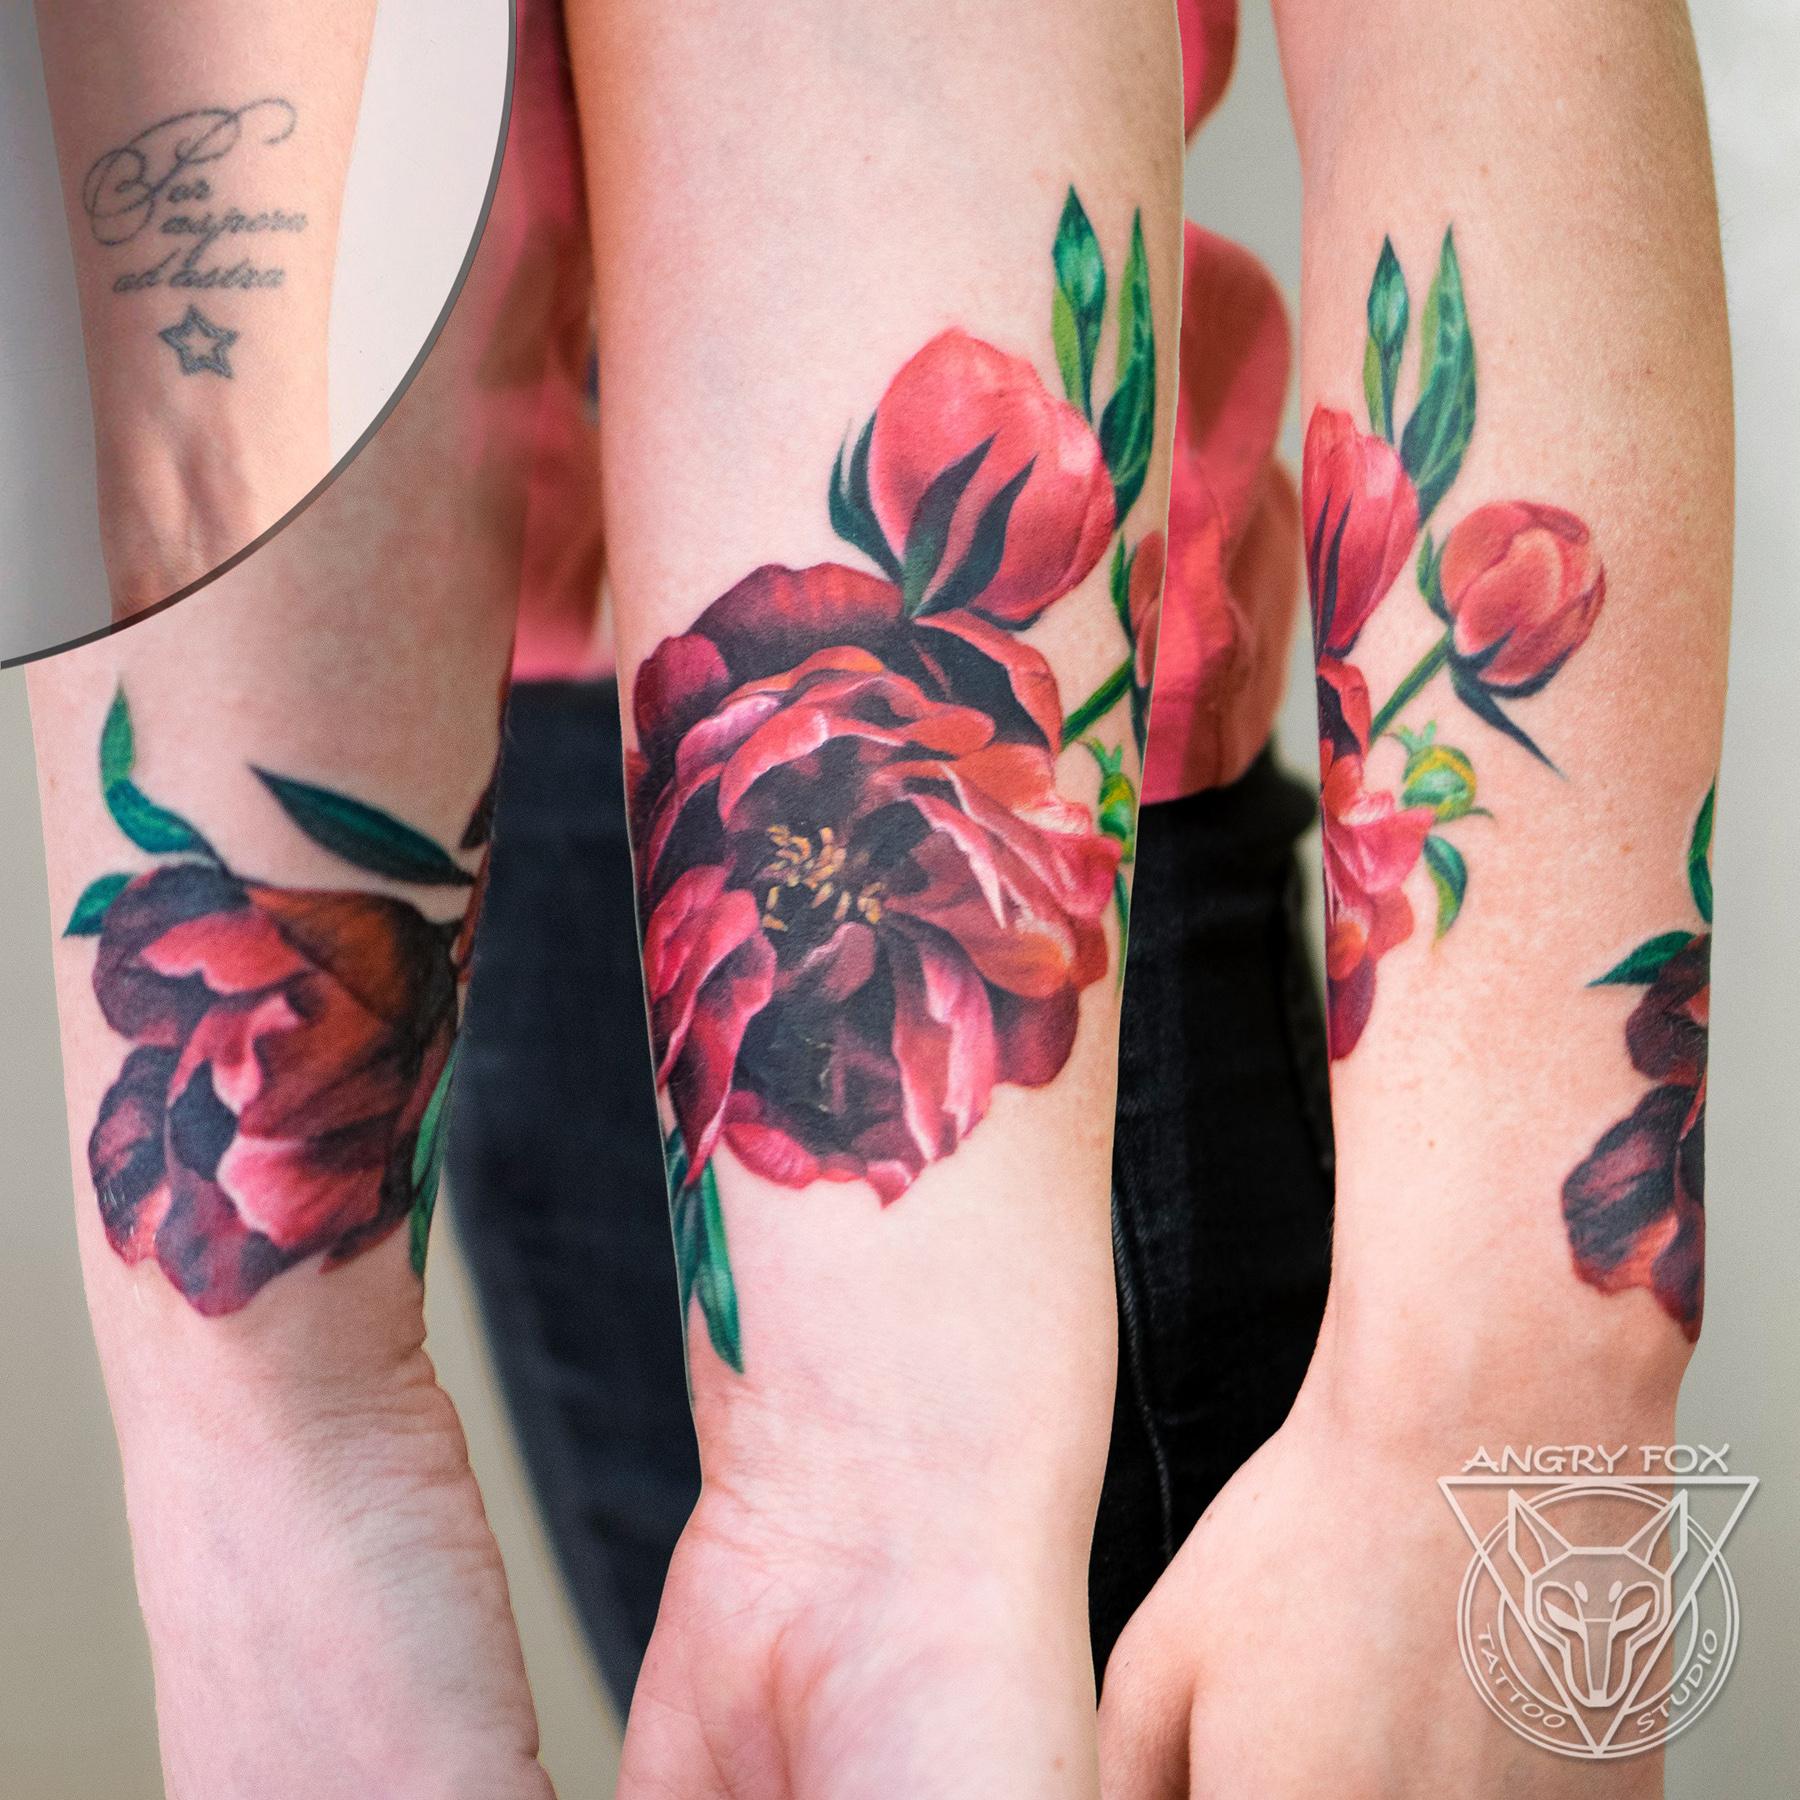 татуировка, тату, каверап, перекрытие, рука, запястье, предплечье, пион, цветы, листья, реализм, девушка